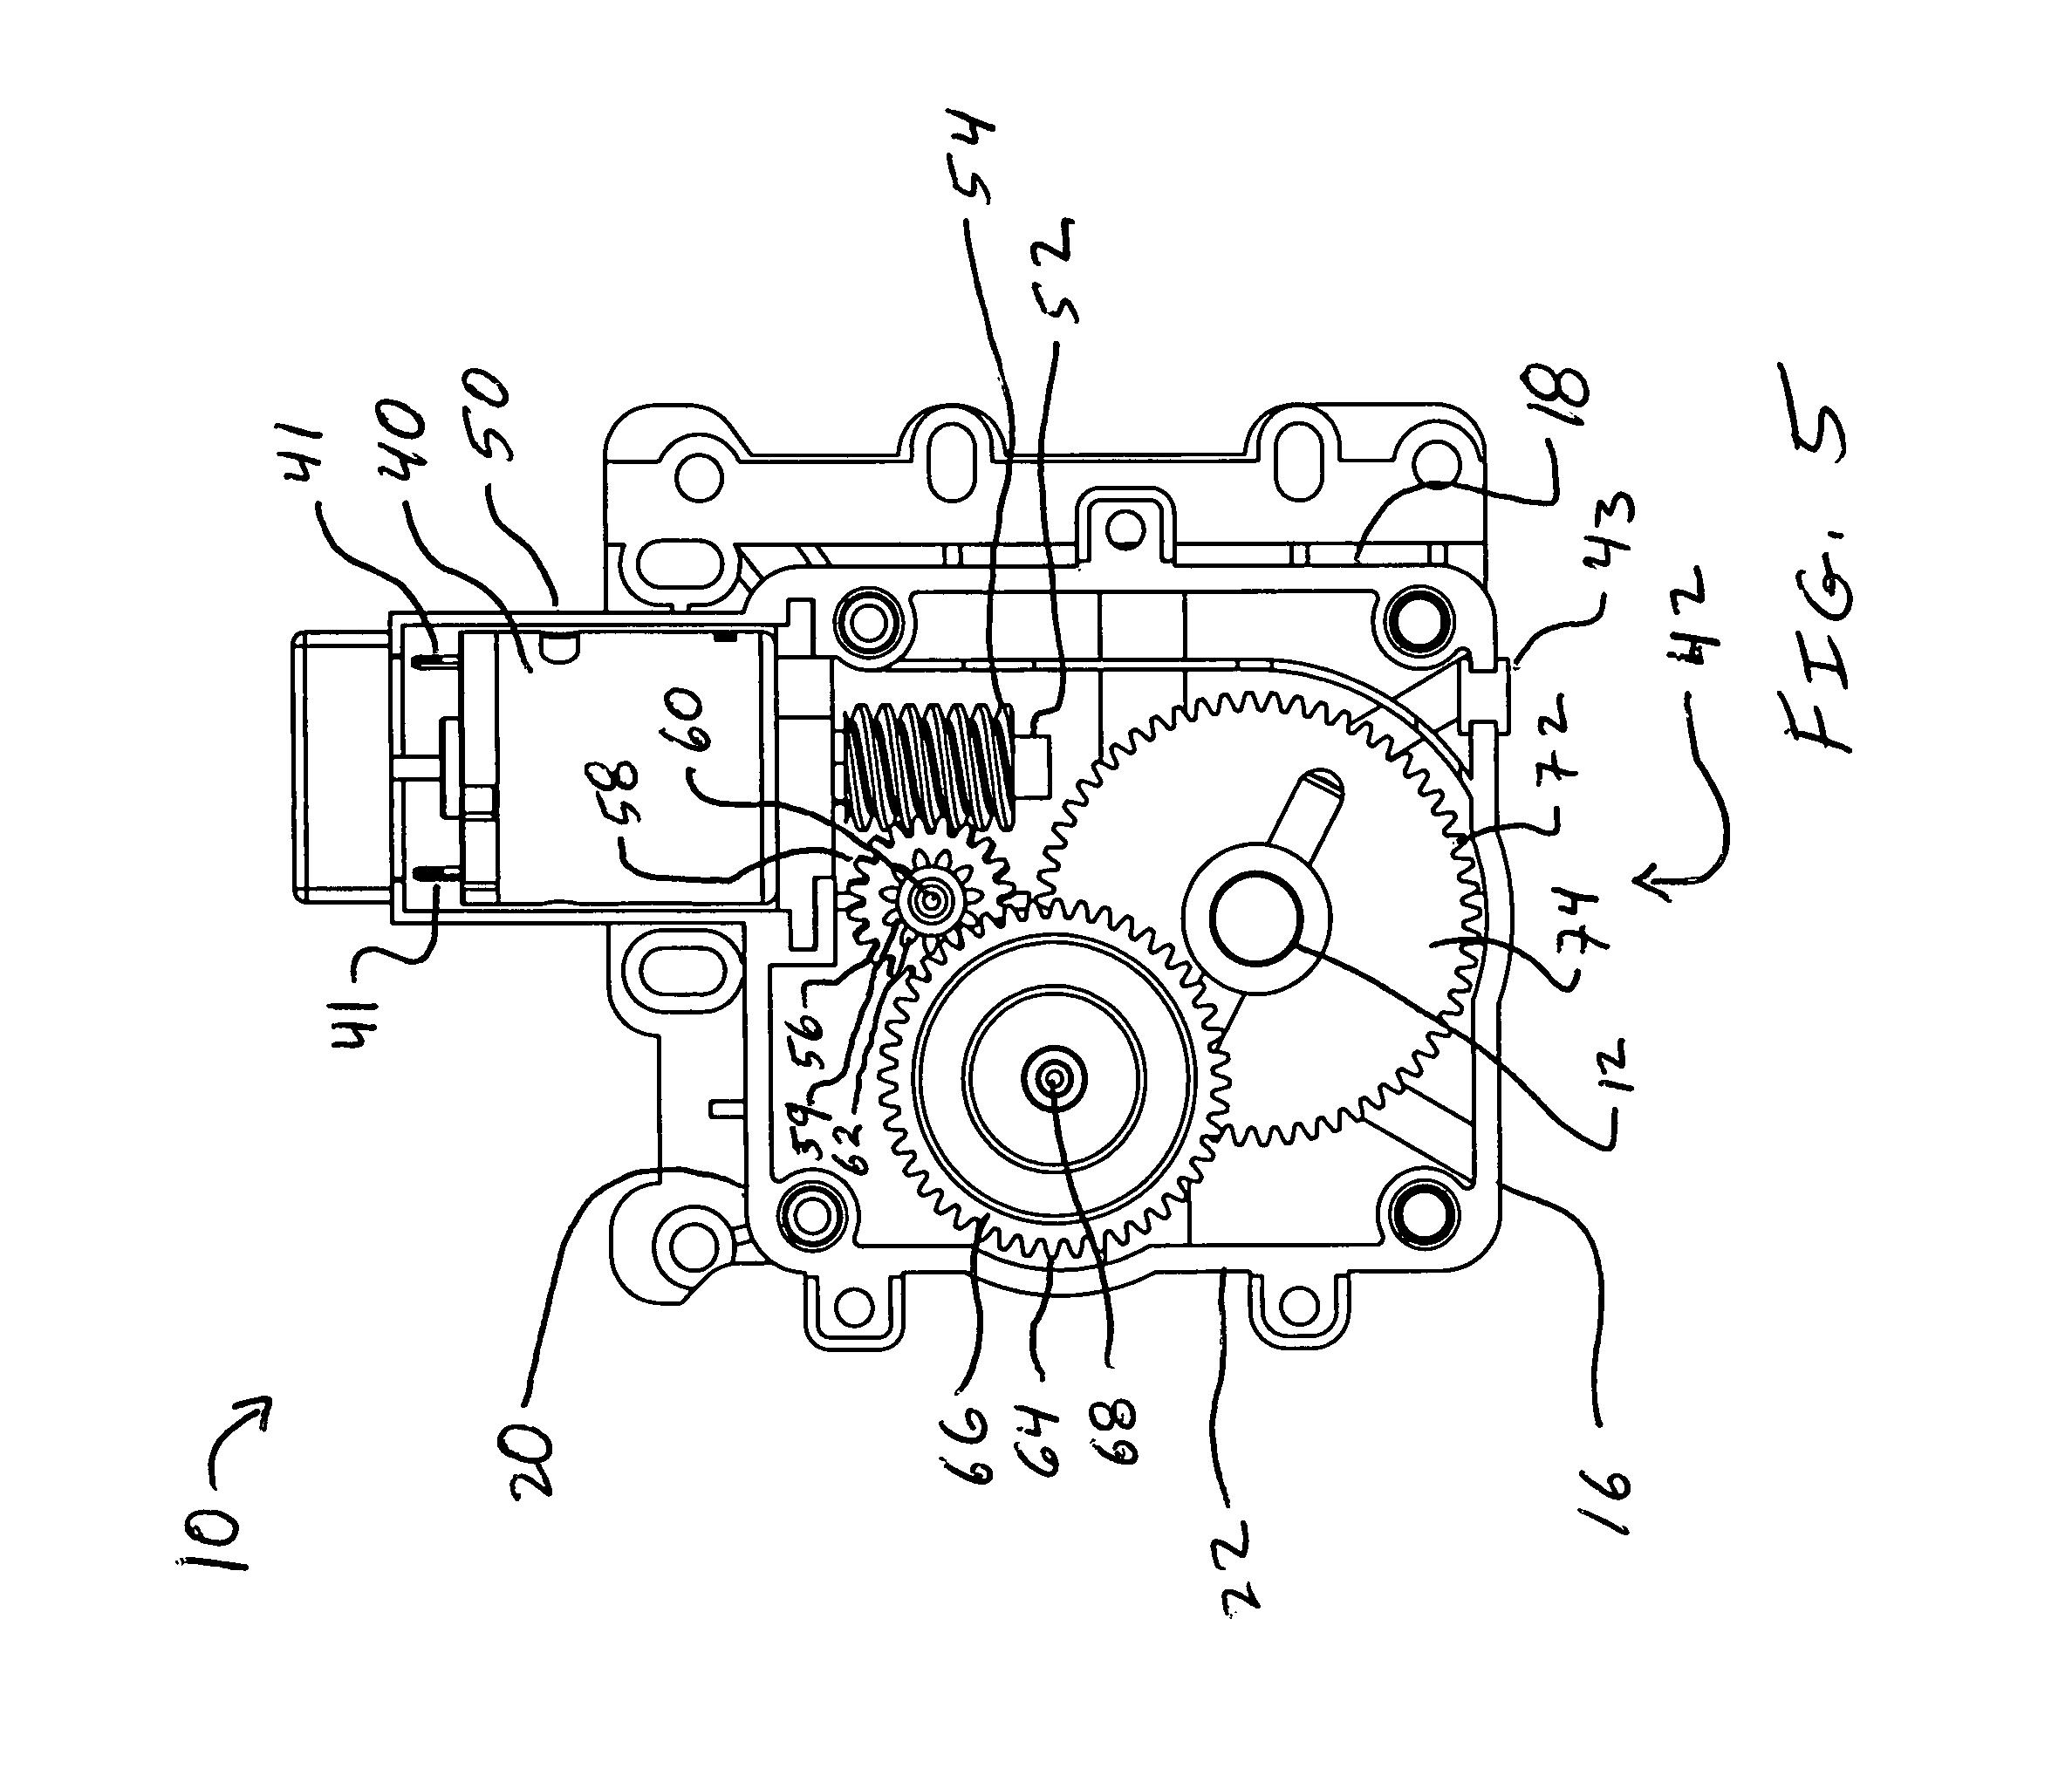 Taco Valve Actuator Wiring Diagram. Solenoid Valve Circuit